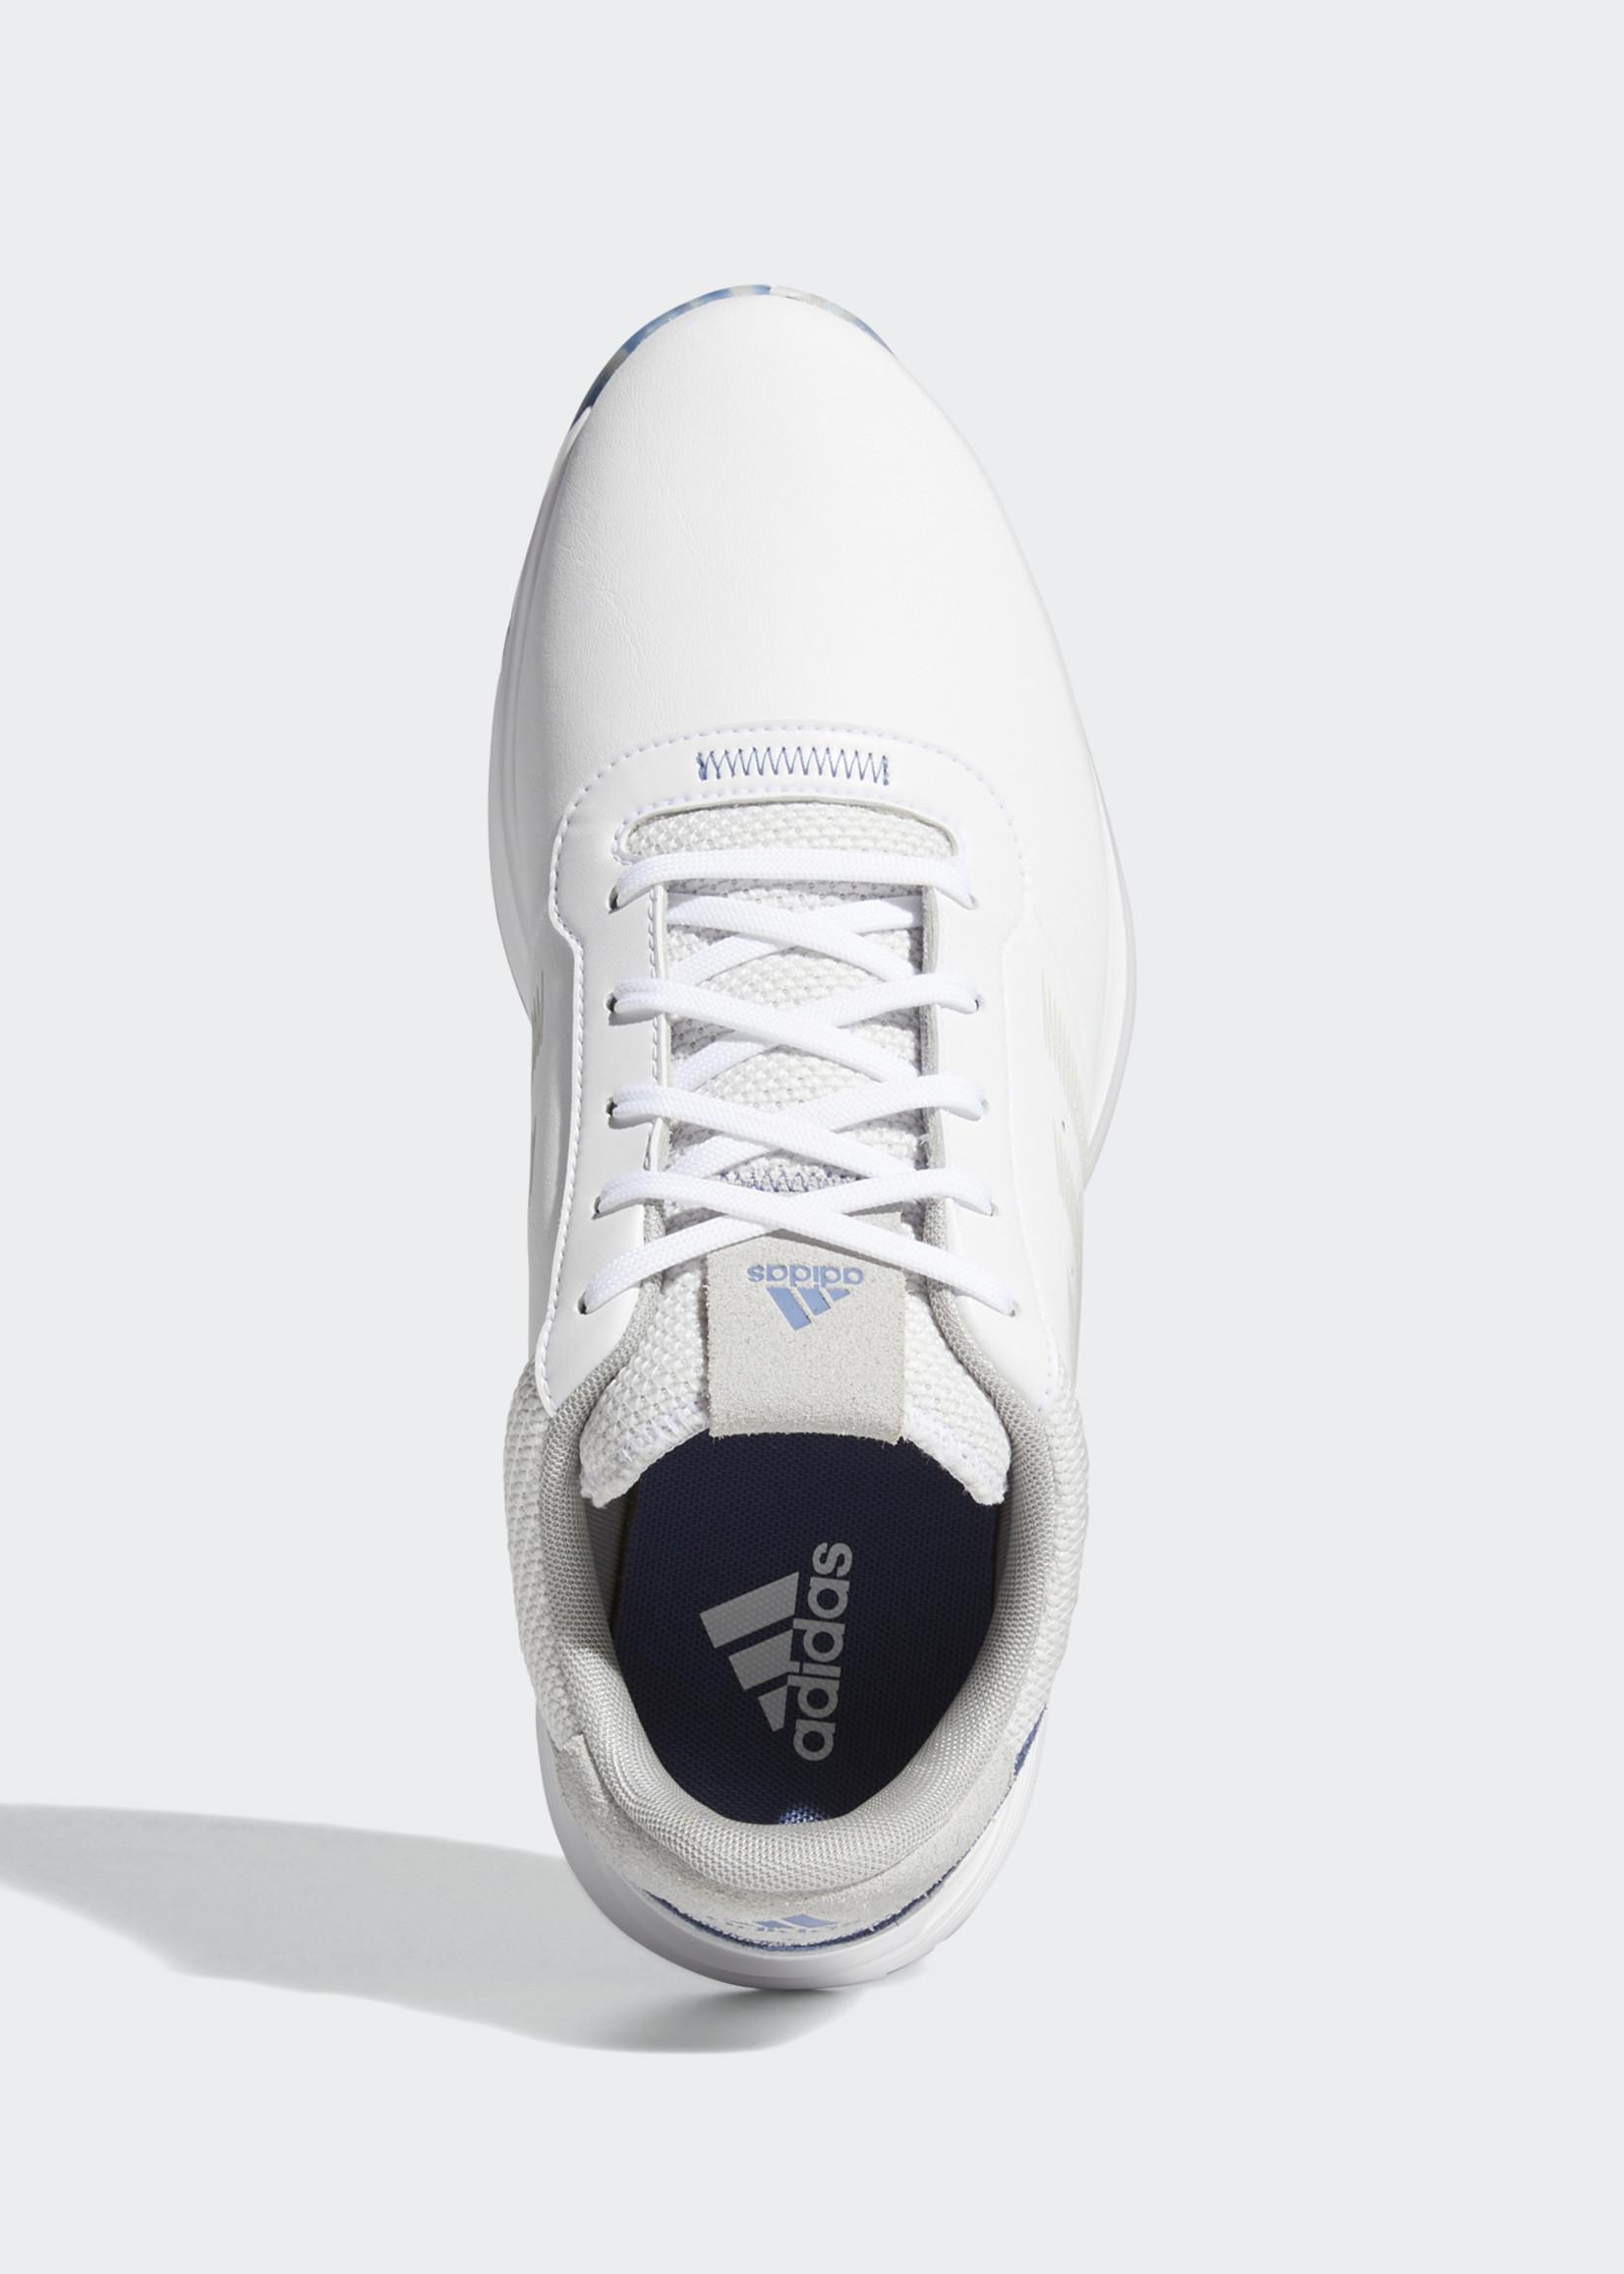 Adidas S2G                 FTWWHT/GREONE/CREBLU